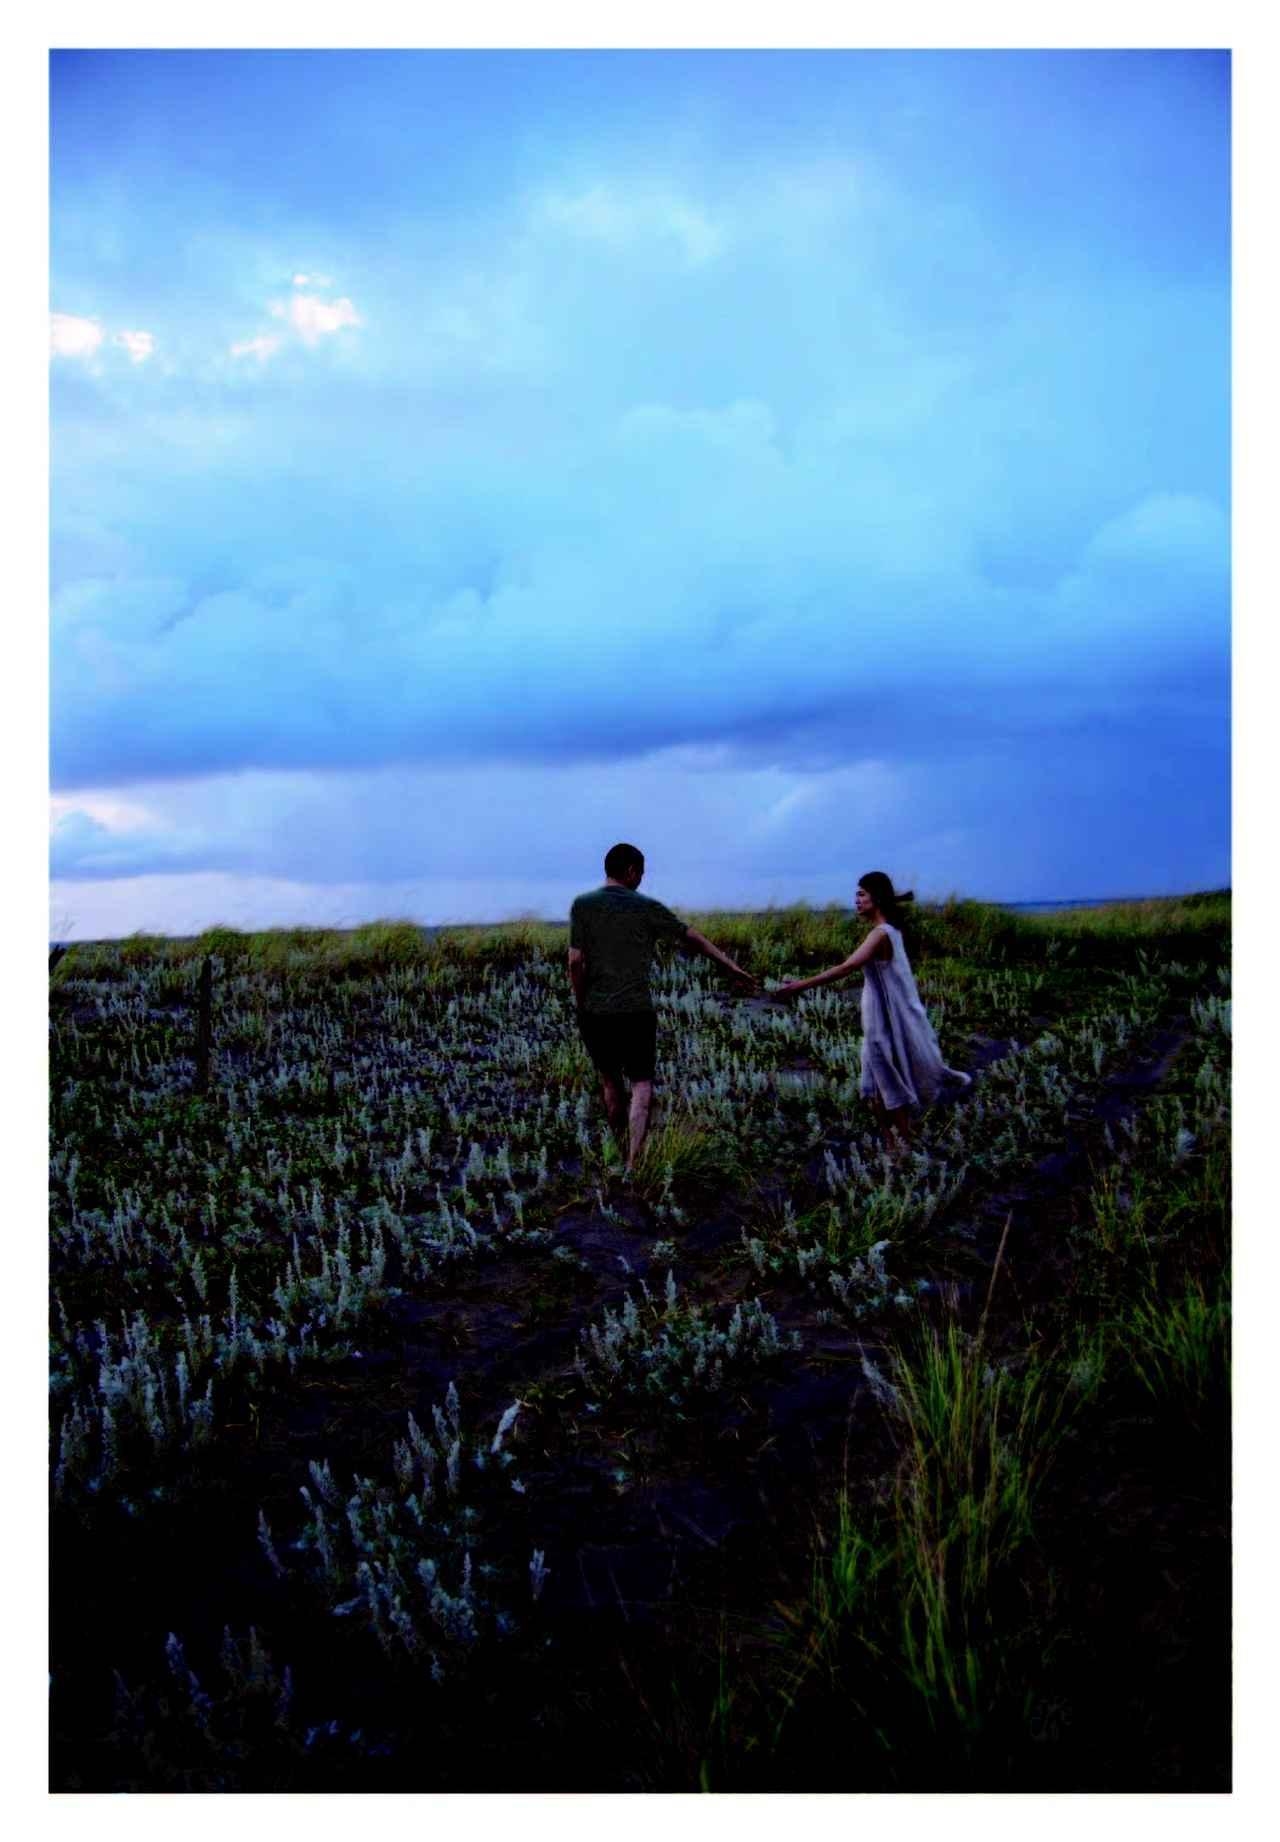 画像3: 野村佐紀子撮影『火口のふたり』オリジナルポストカード画像